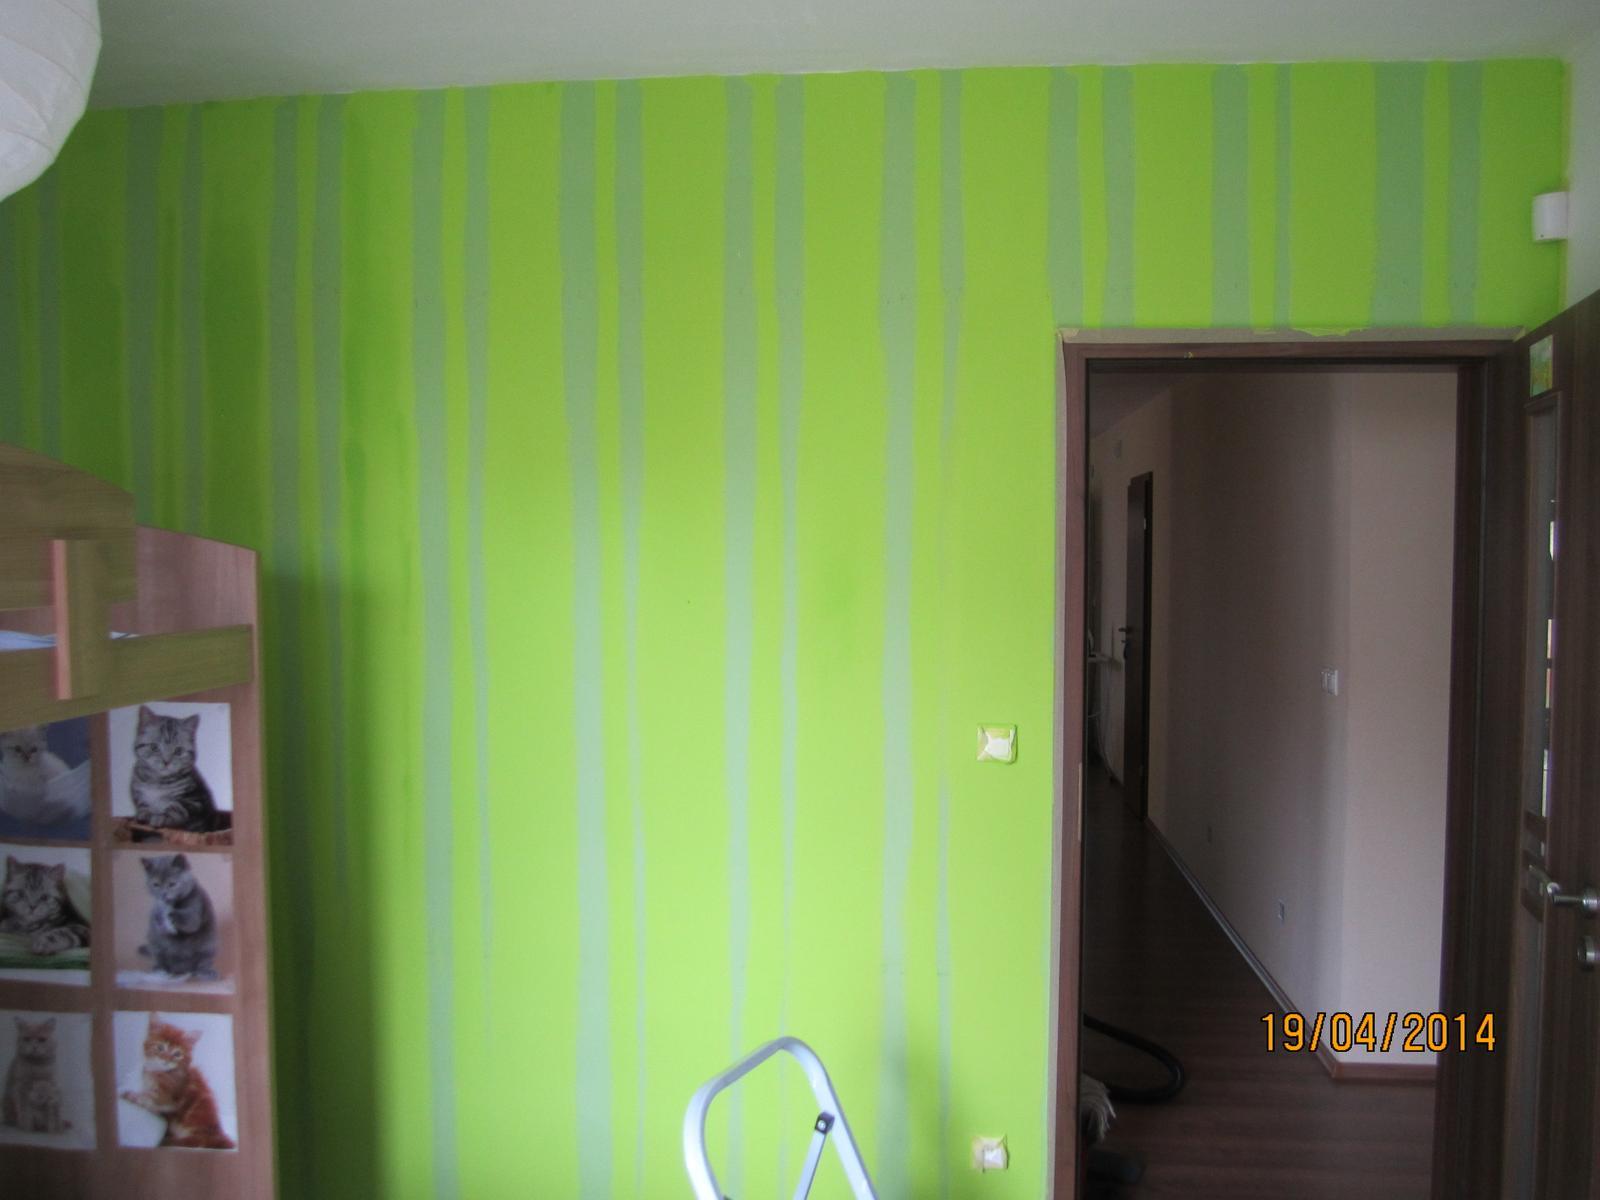 Detska - studentska izba - tak a po vyse 3 rokoch je cas  zmenu...stena uz  bola taka upatlana... tak som sa dala na velkonočnú vyzvu....  namalovat stenu ako TAPETU